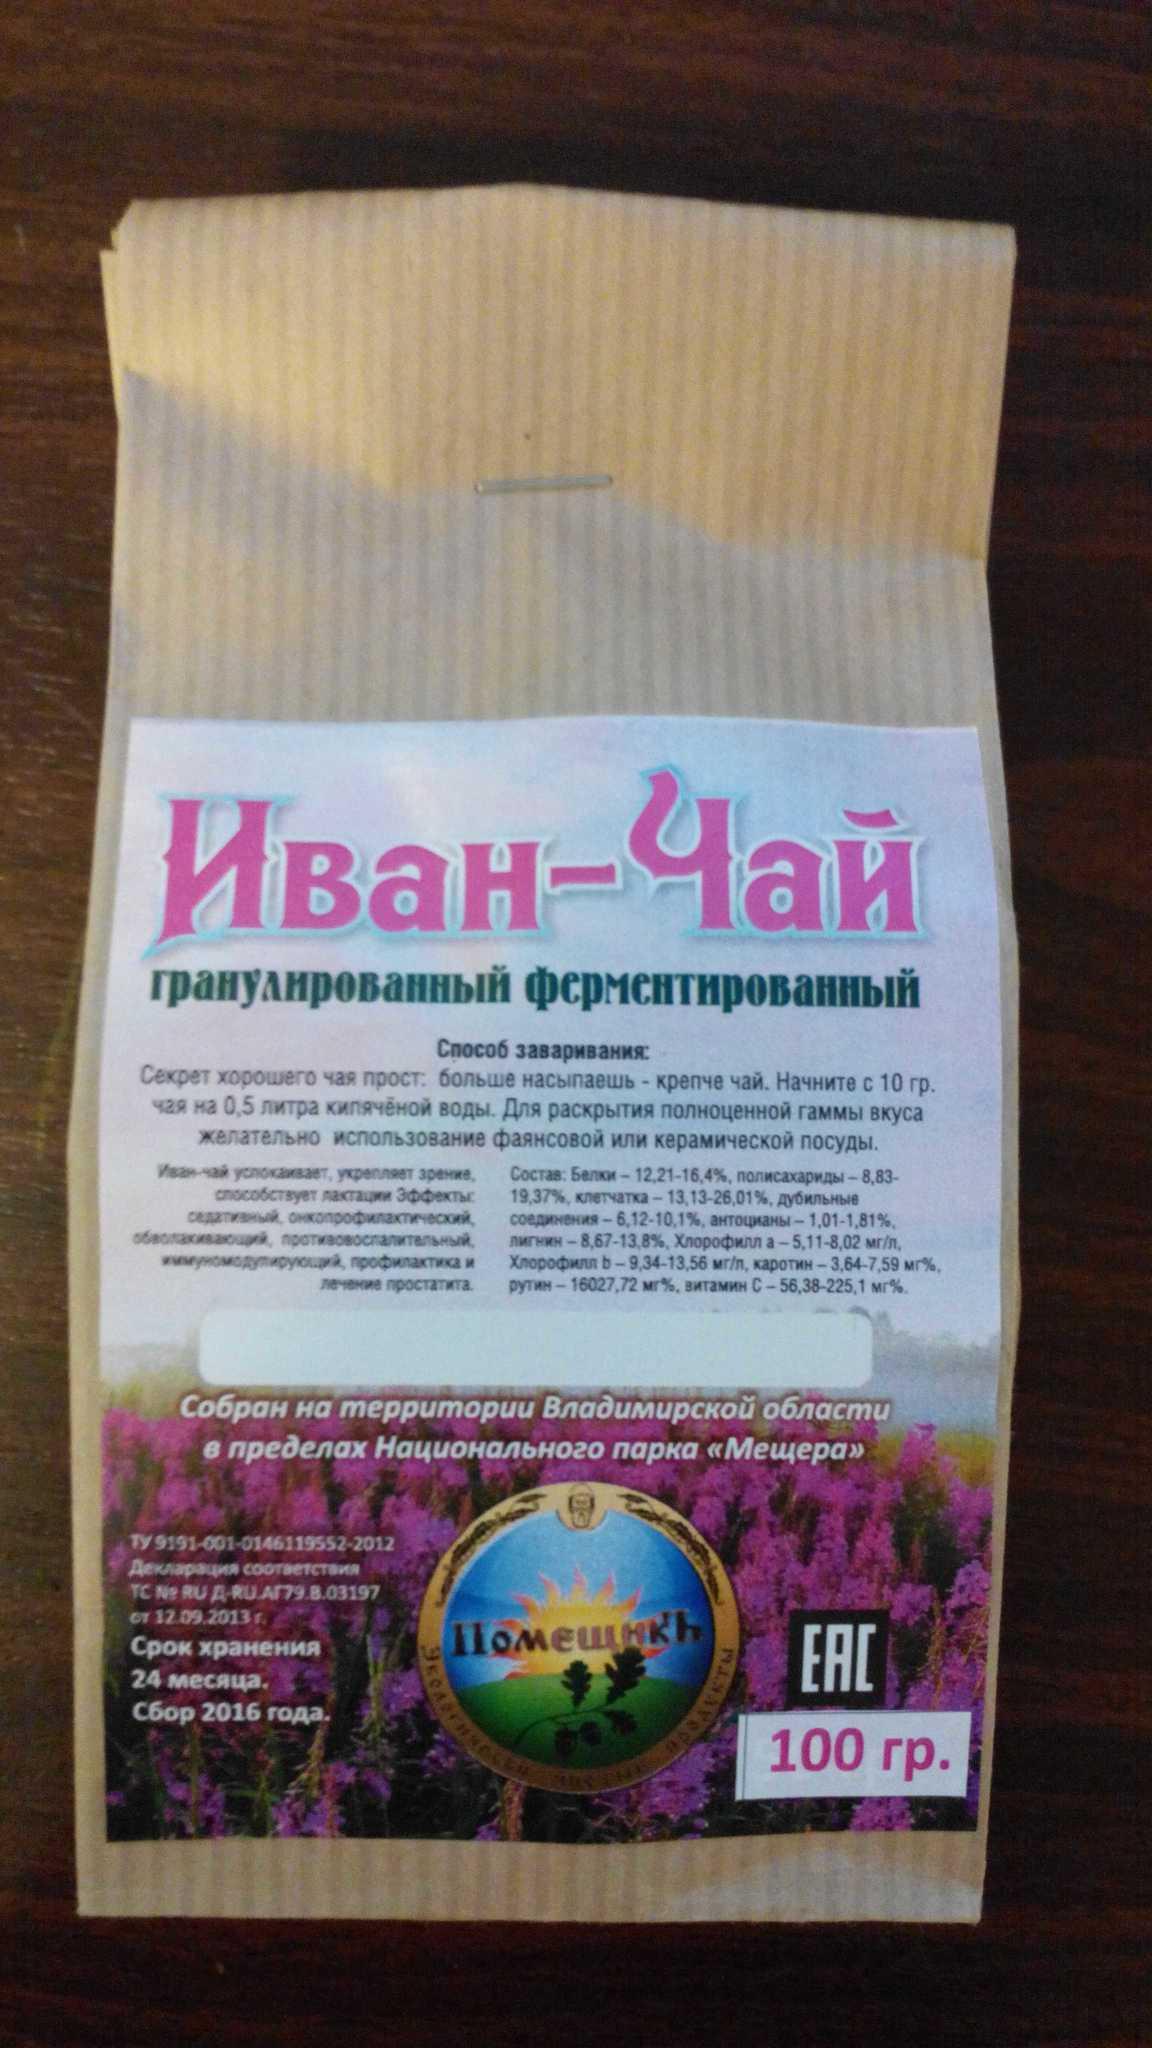 Иван-Чай гранулированный ферментированный